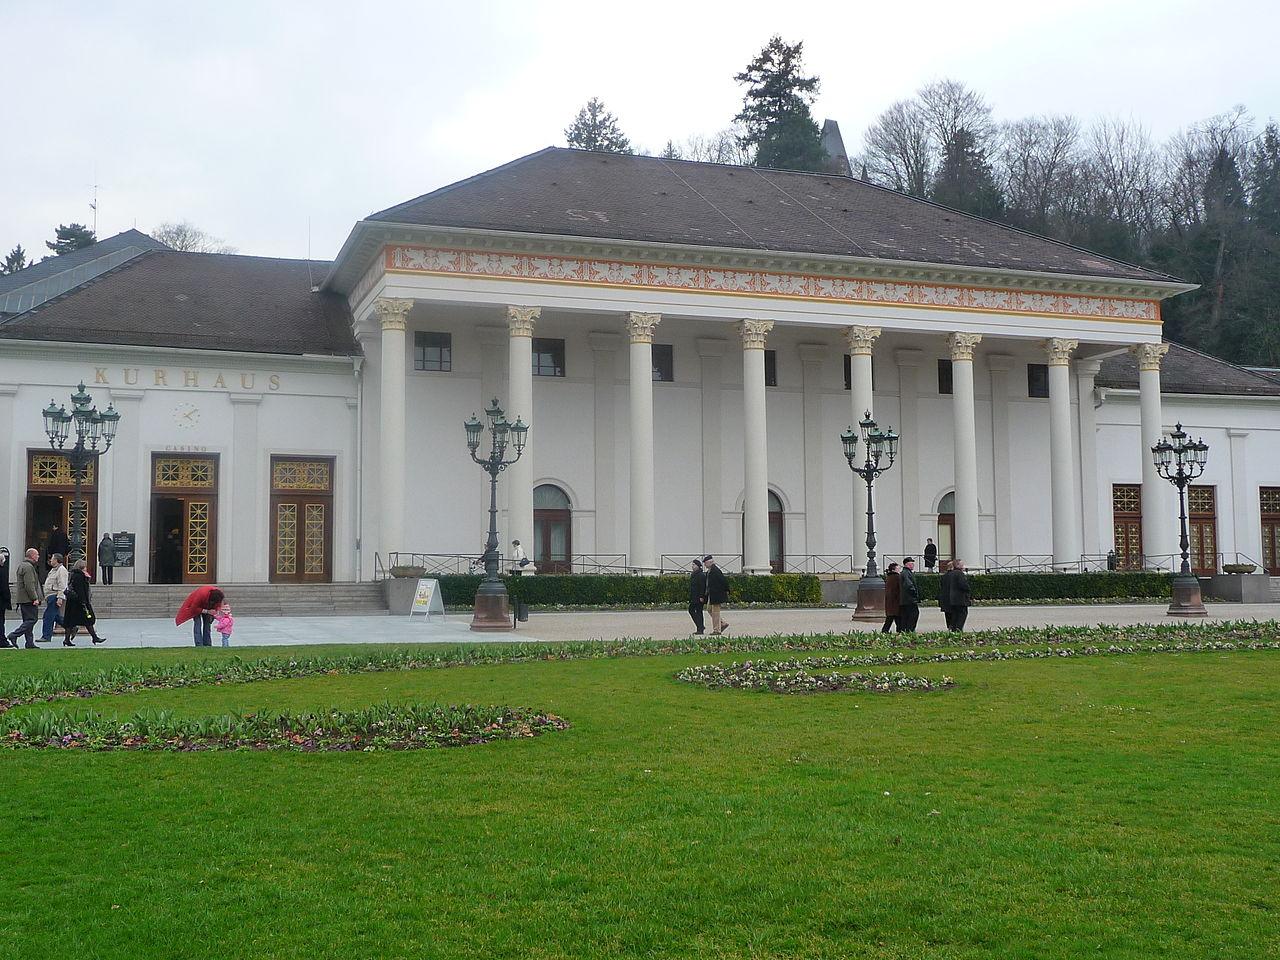 Bild Kurhaus Baden Baden